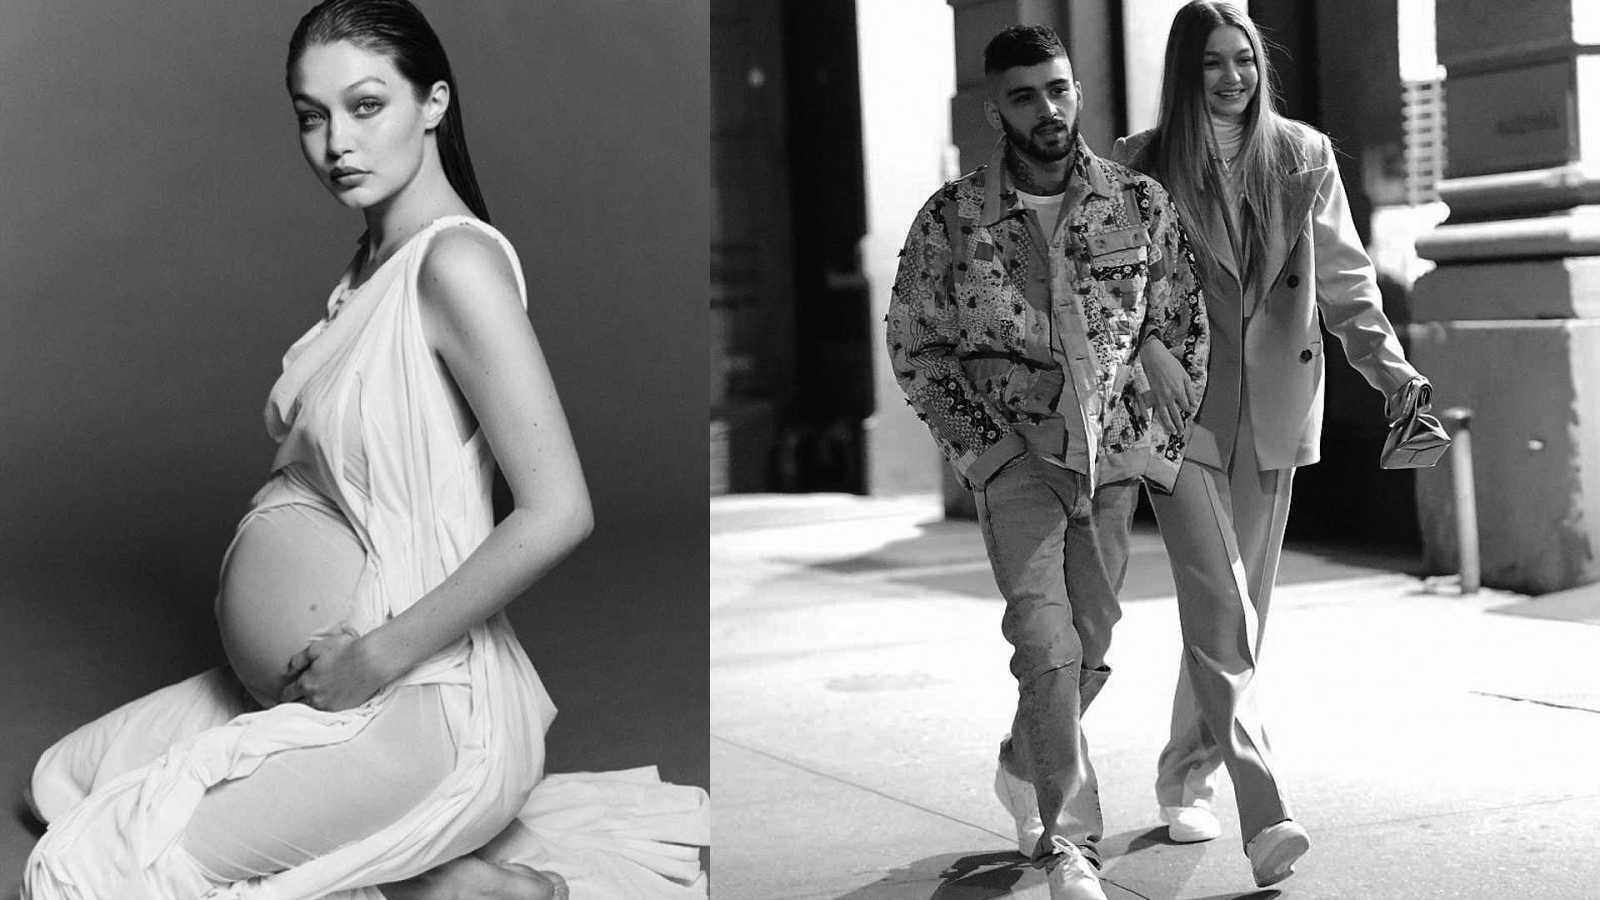 Gigi Hadid y Zayn Malik han sido padres de una niña.  Imagen en la que vemos a la modelo posando embarazada junto a otra fotografía en la que la pareja aparece enamorada y cómplice por las calles de Nueva York